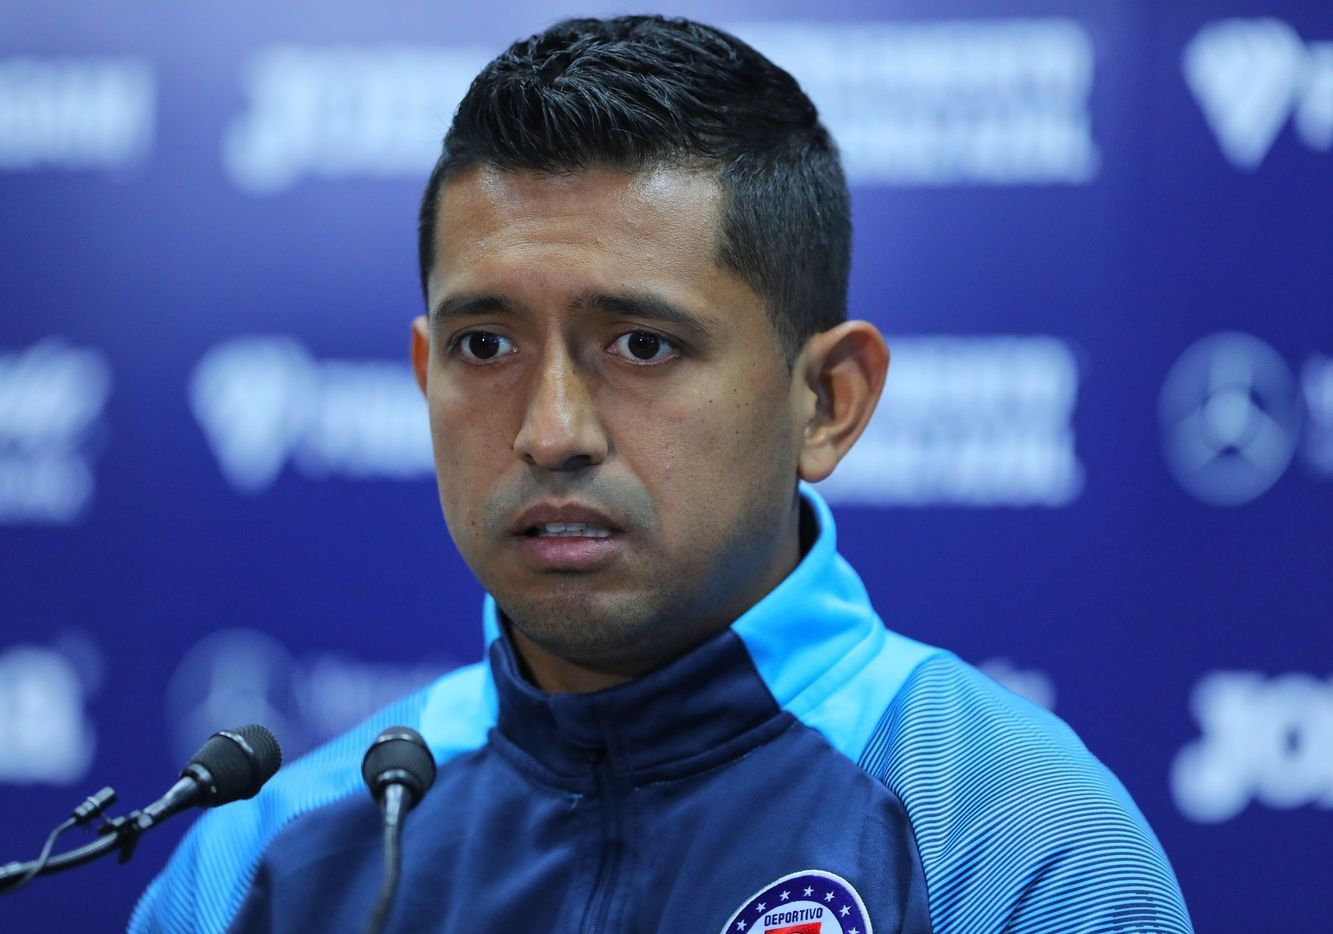 El jugador de Cruz Azul, Elías Hernández, se molestó cuando le dijeron que se parece a un cómico mexicano.